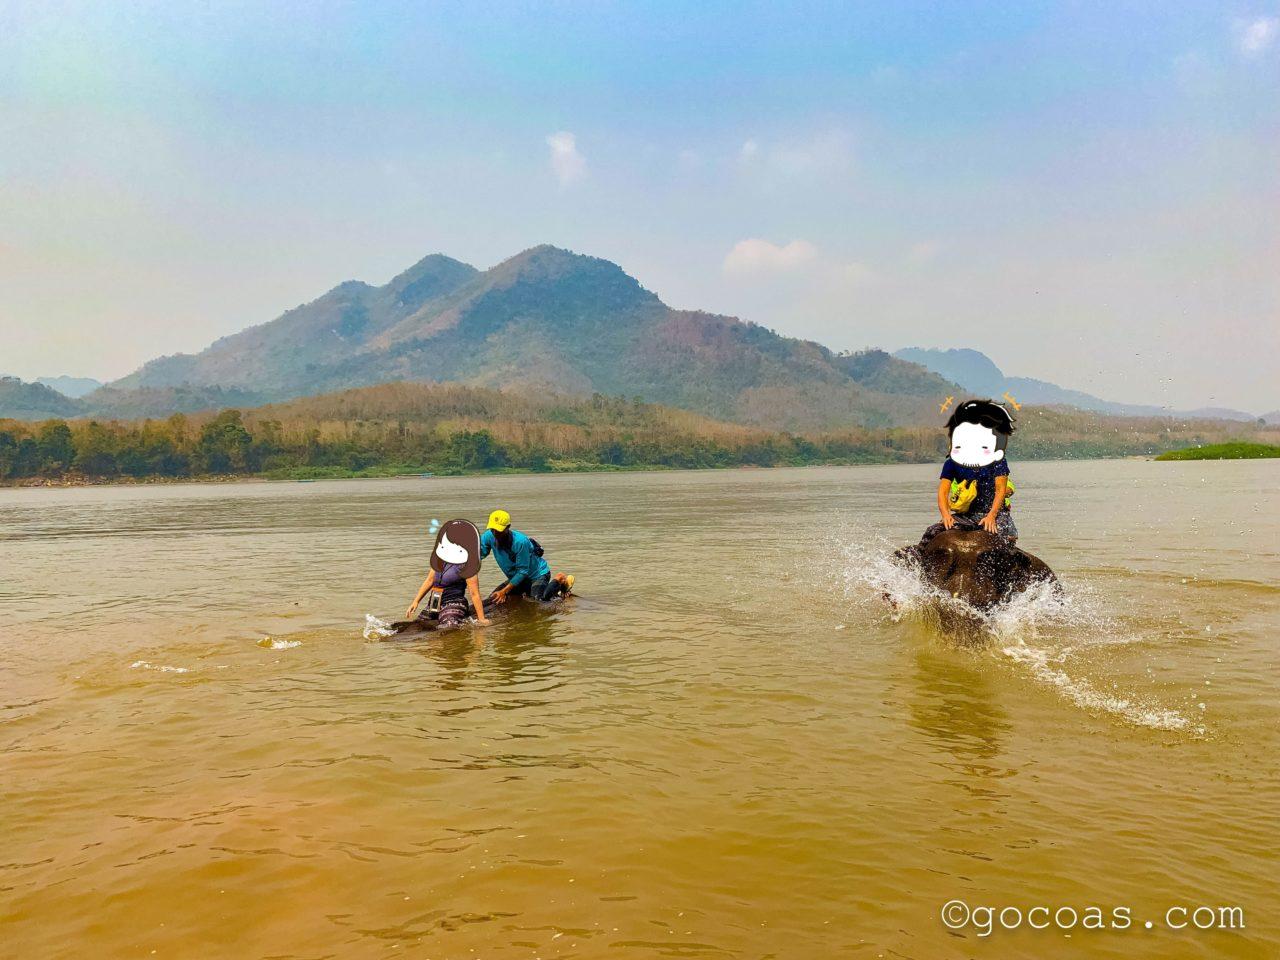 象使い体験で乗ってる象が川に沈むところ